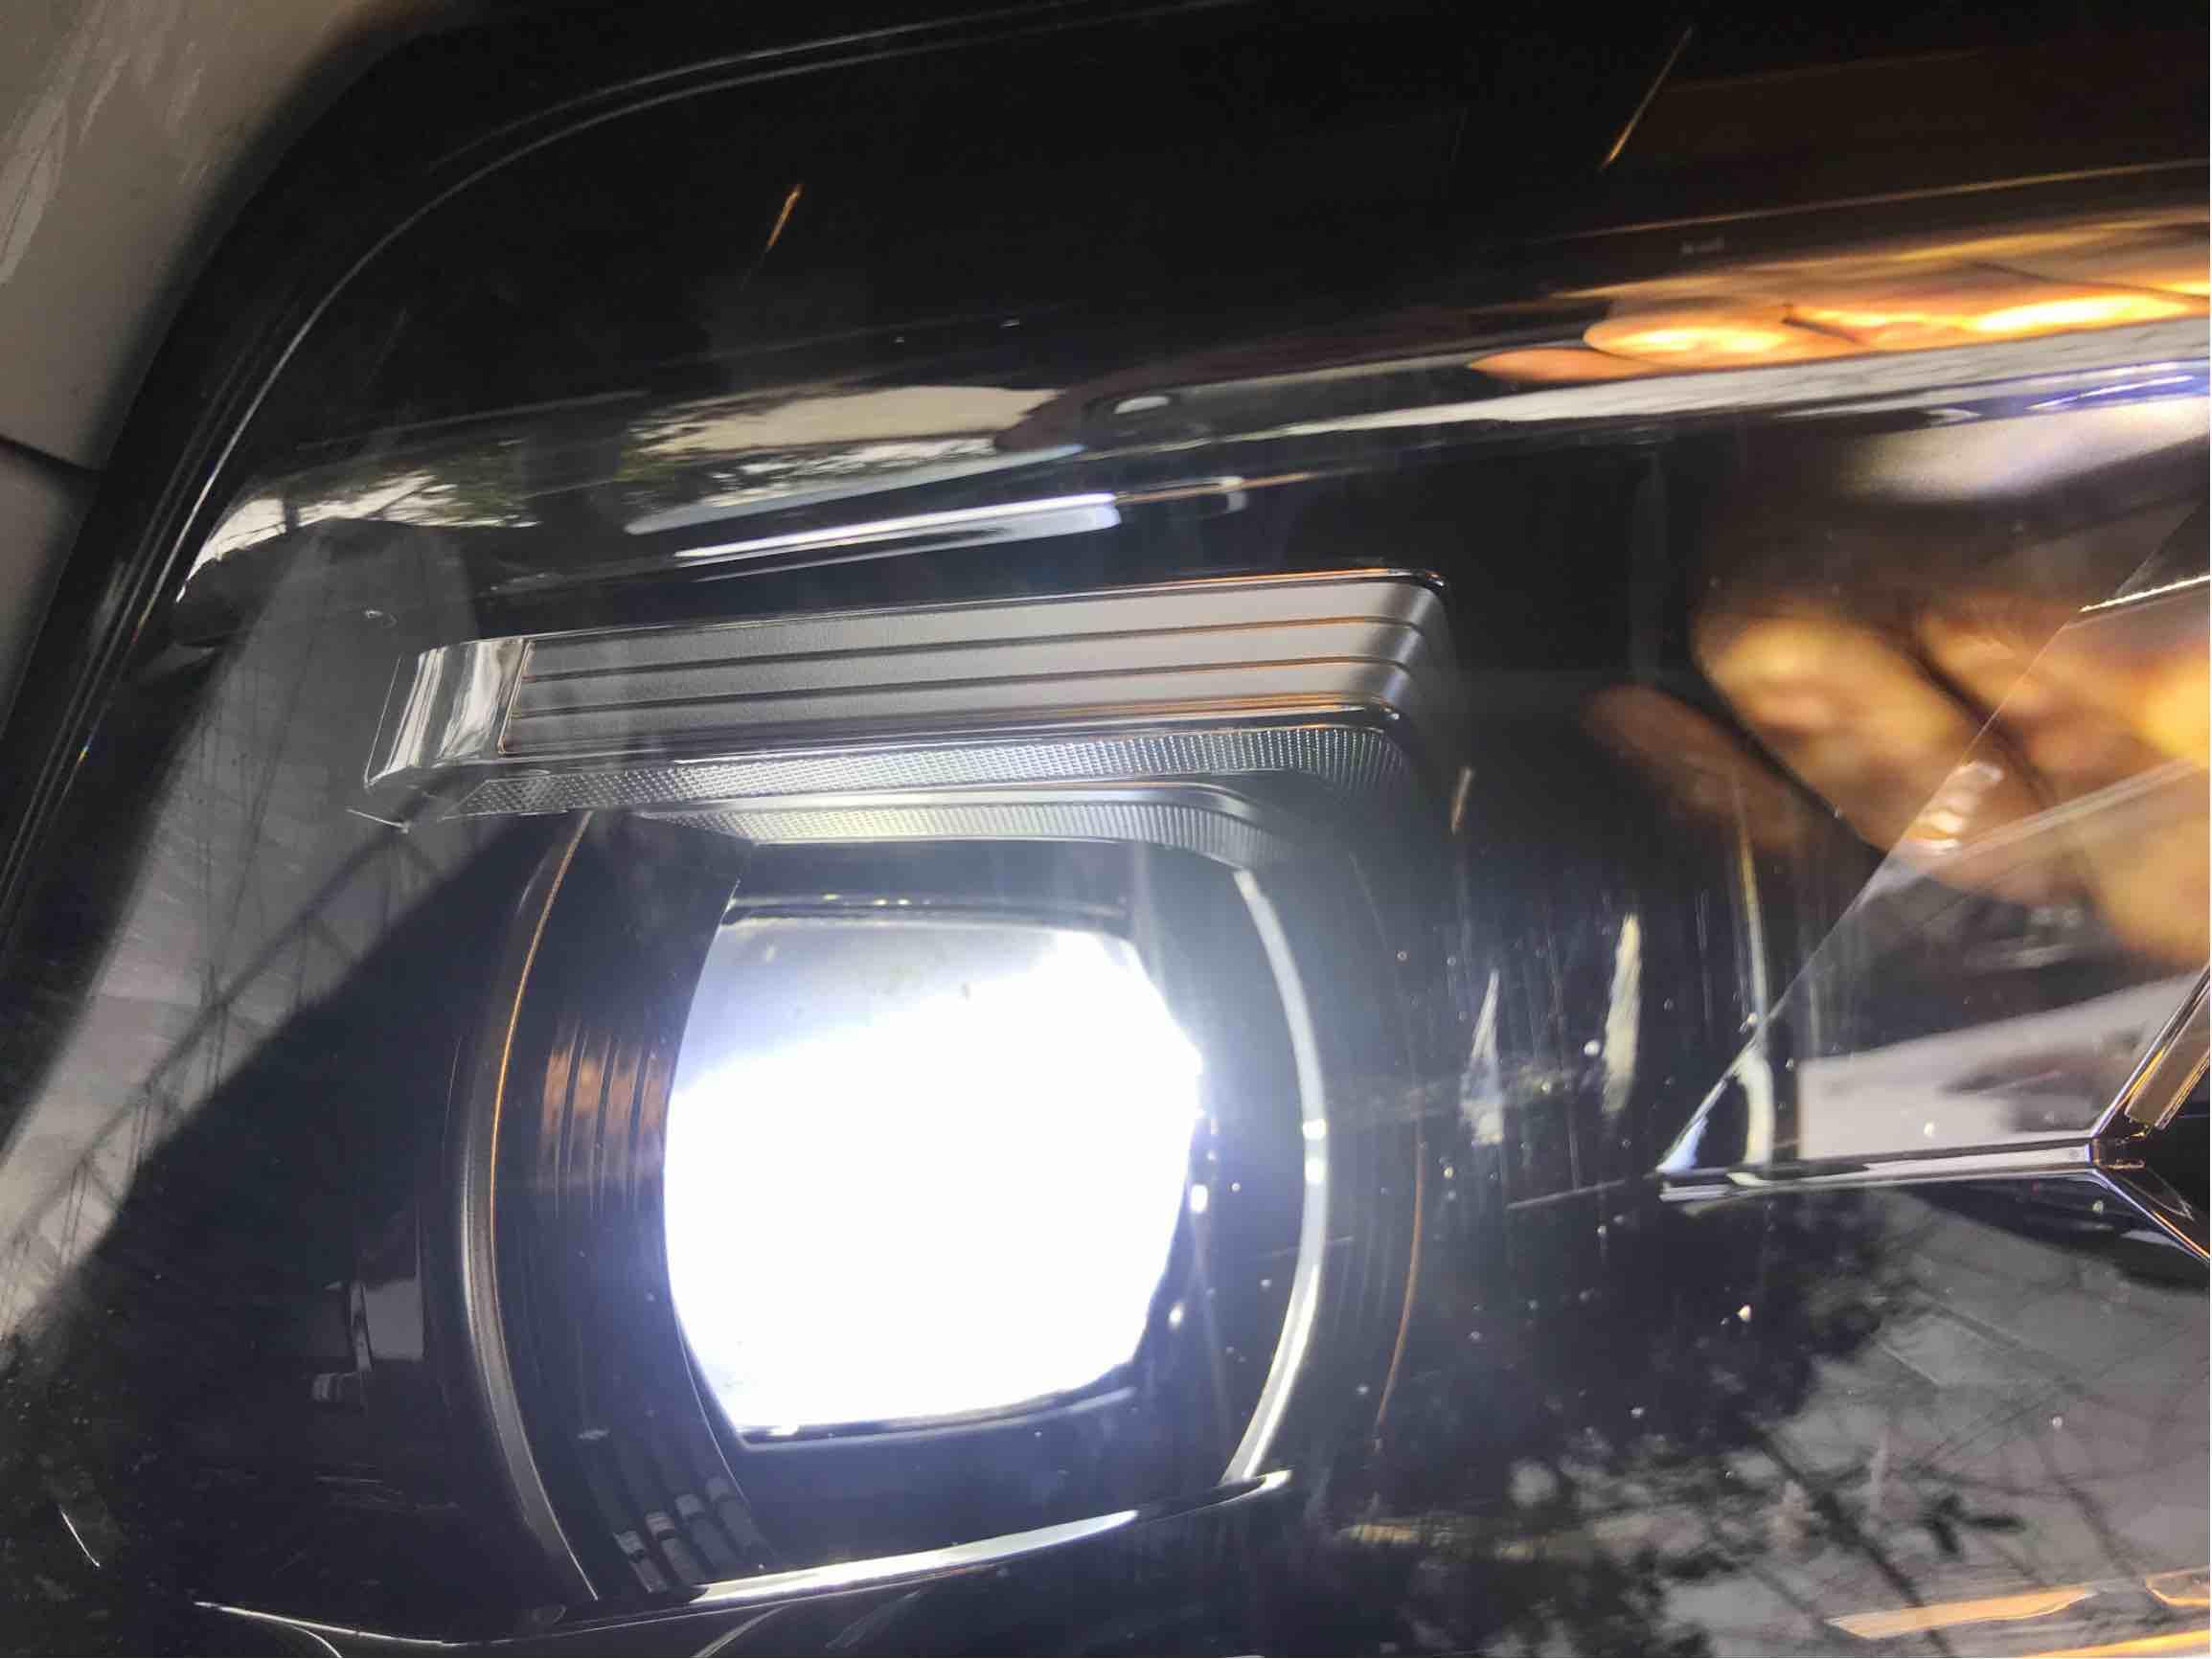 车灯内有脏东西